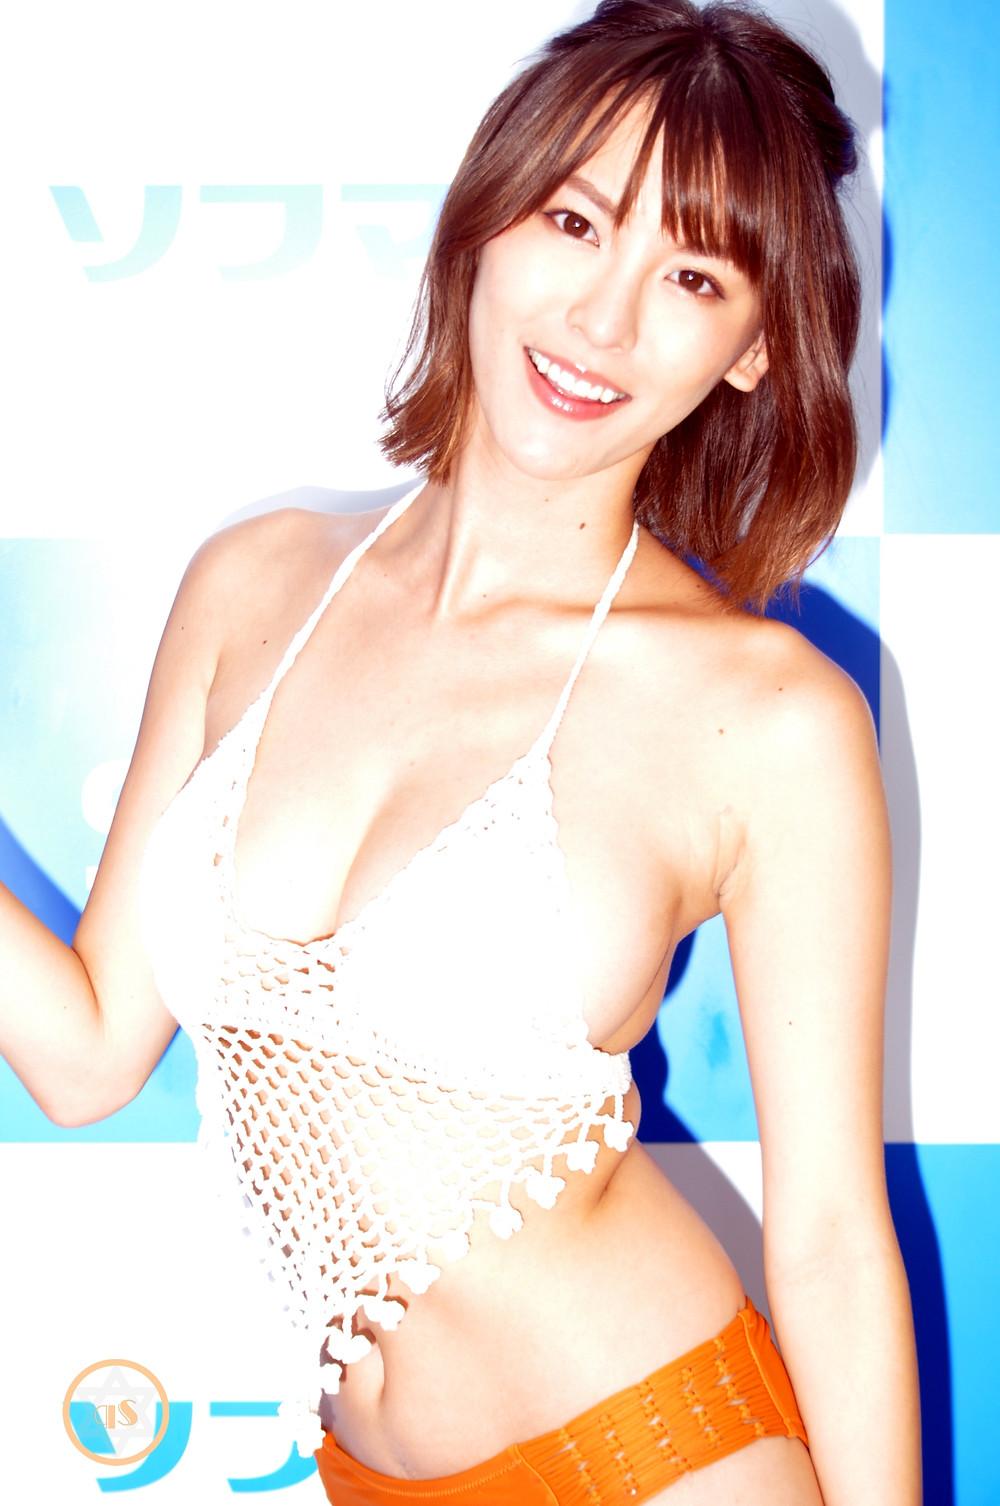 巨乳グラビアアイドル奈月セナ『セレナーデ/竹書房』DVD・BD発売記念イベント (1)